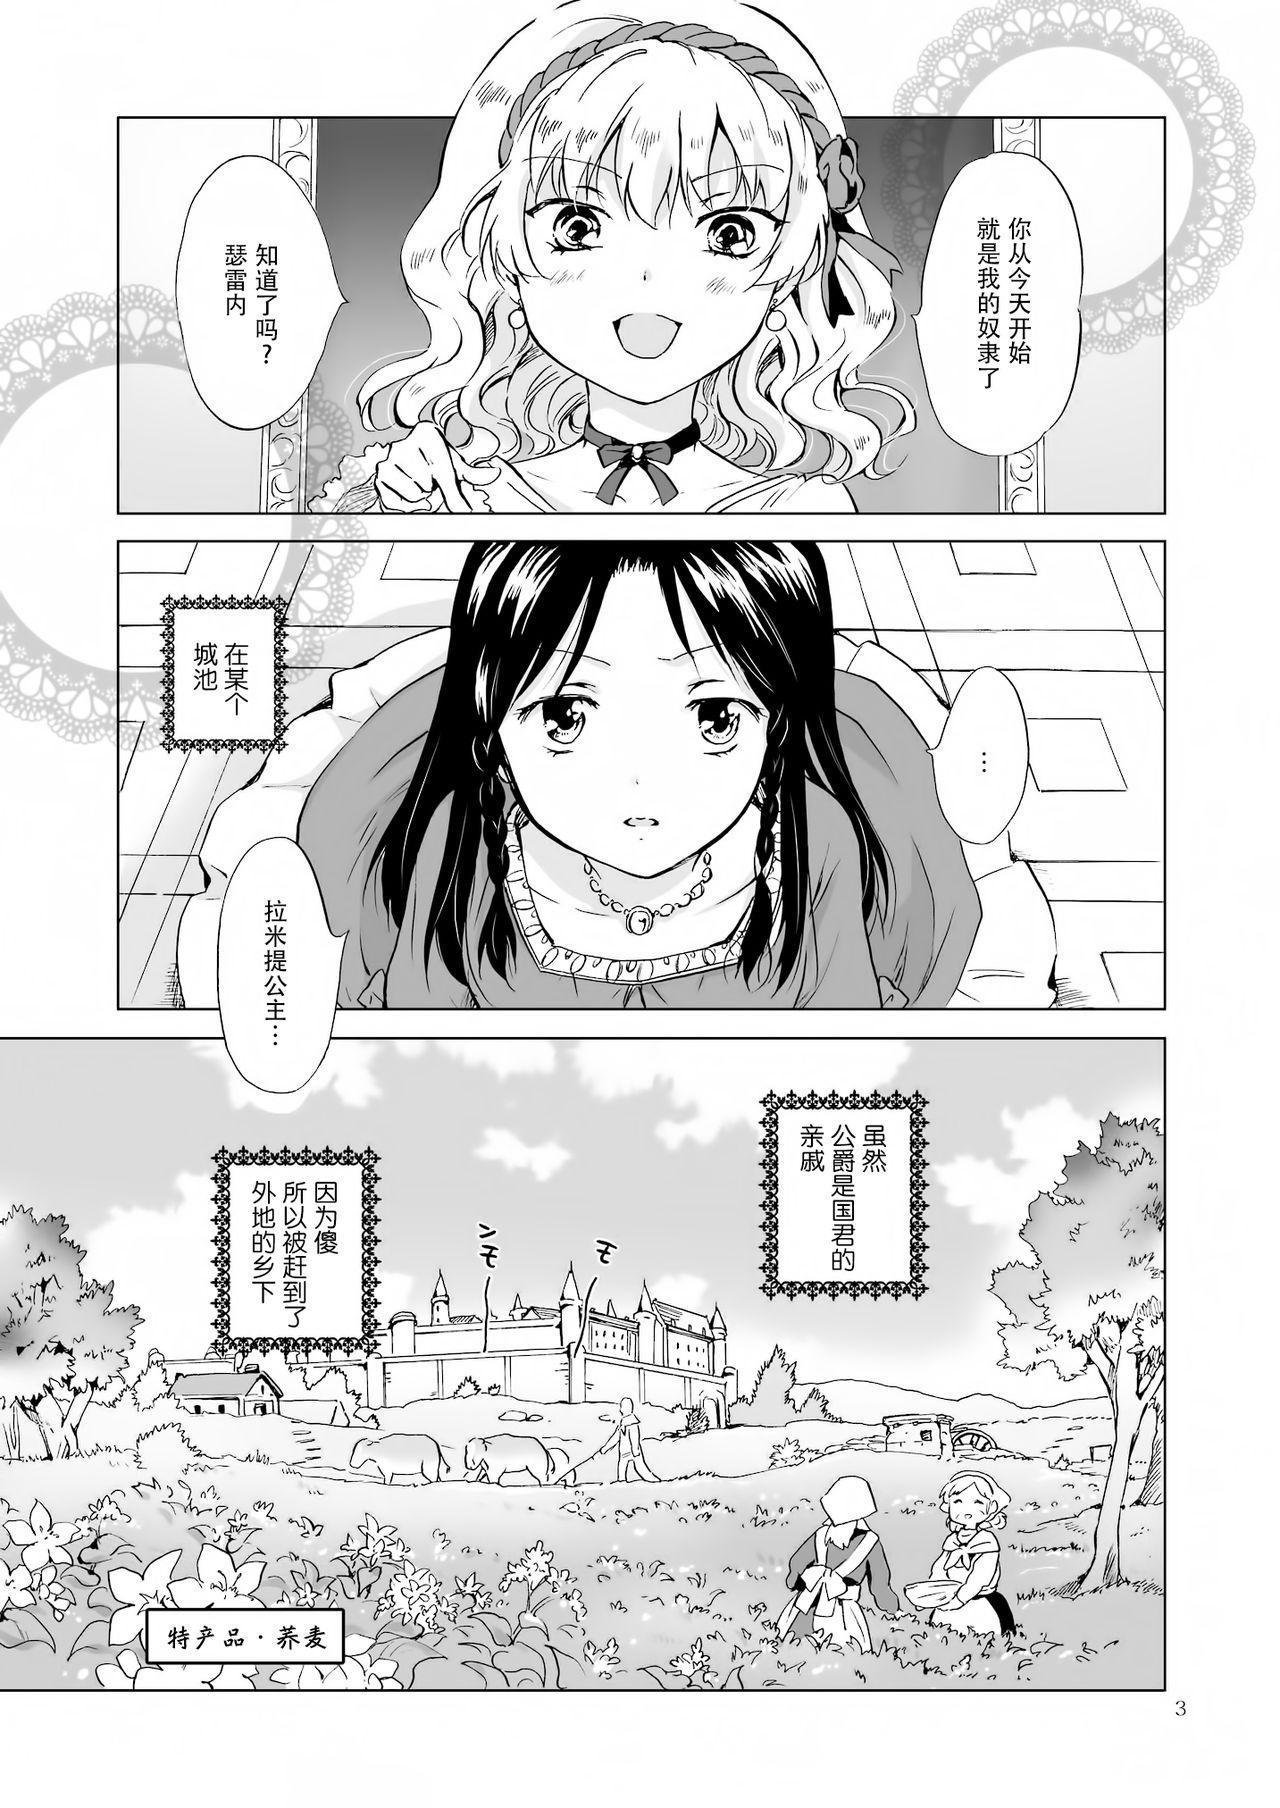 [peachpulsar (Mira)] Hime-sama to Dorei-chan [Chinese] [脸肿汉化组] [Digital] 2